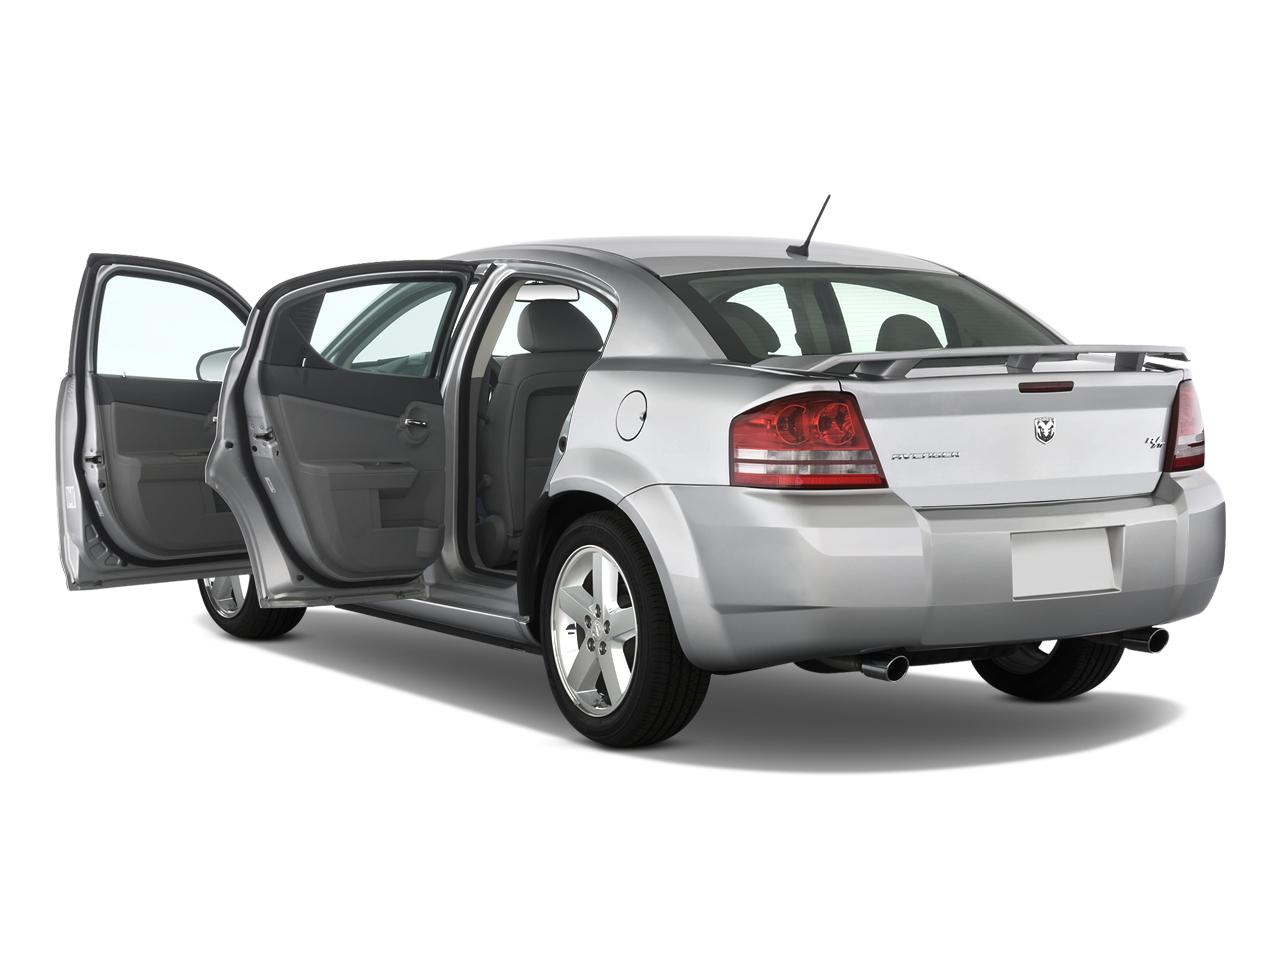 2008 dodge avenger r t dodge midsize sedan review automobile magazine. Cars Review. Best American Auto & Cars Review